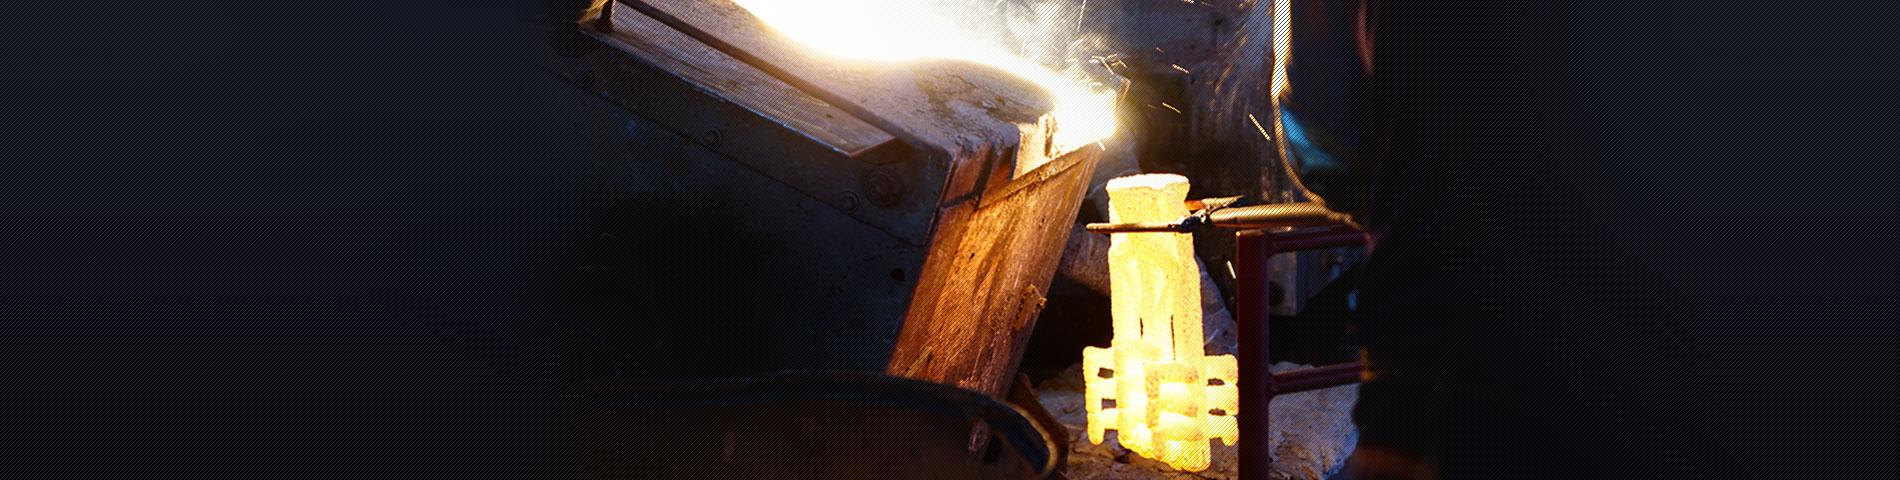 Нержавеющая сталь Производственный процесс Преимущество